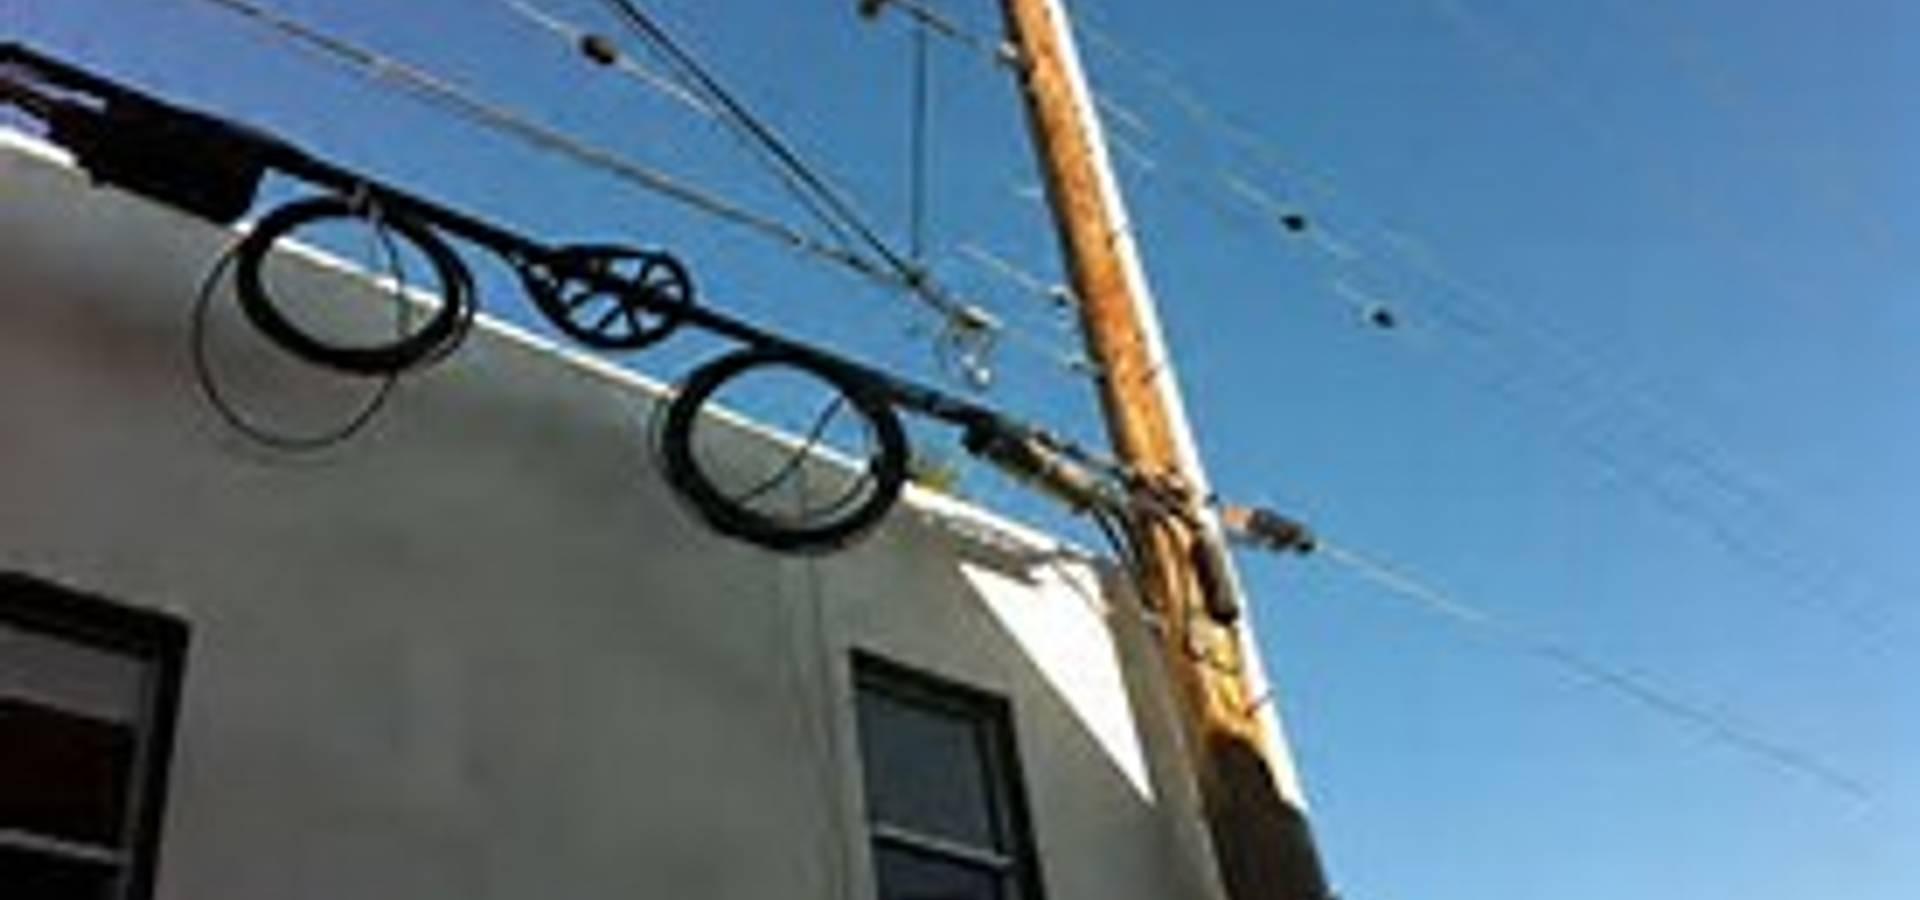 Randburg DSTV installation service & Repair